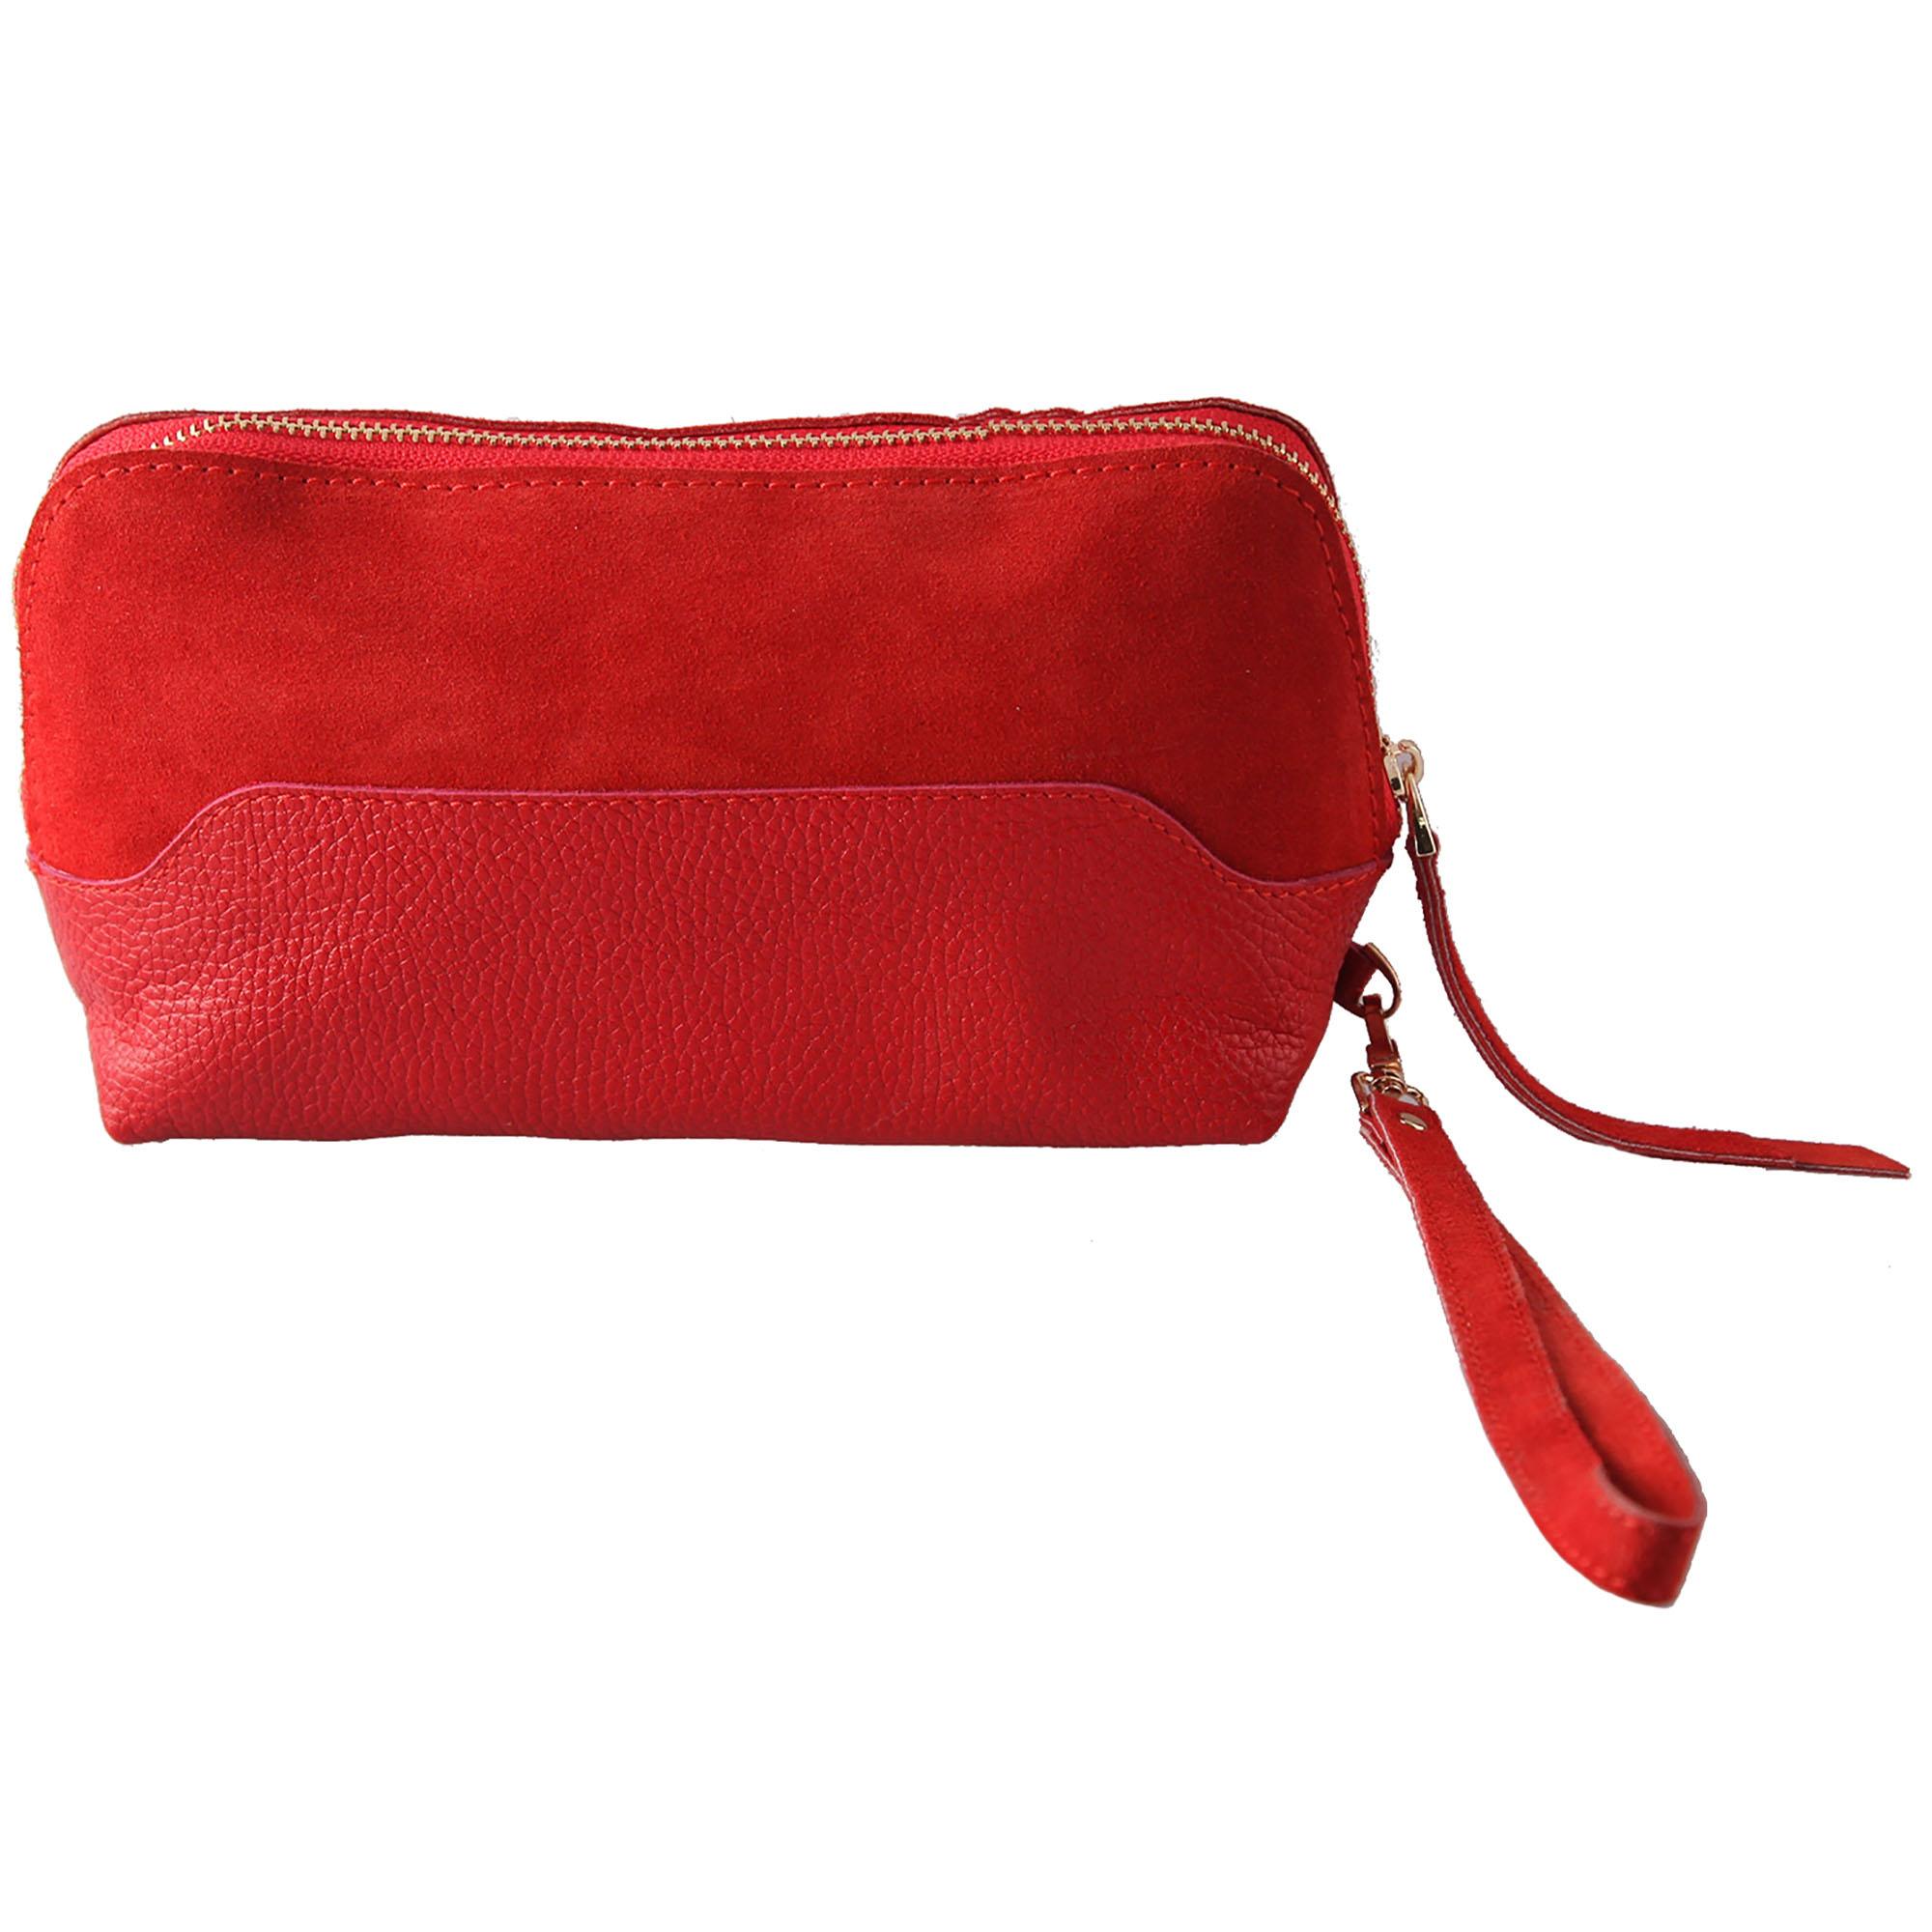 کیف دستی زنانه کفشدوزک کد 160089 تک سایز